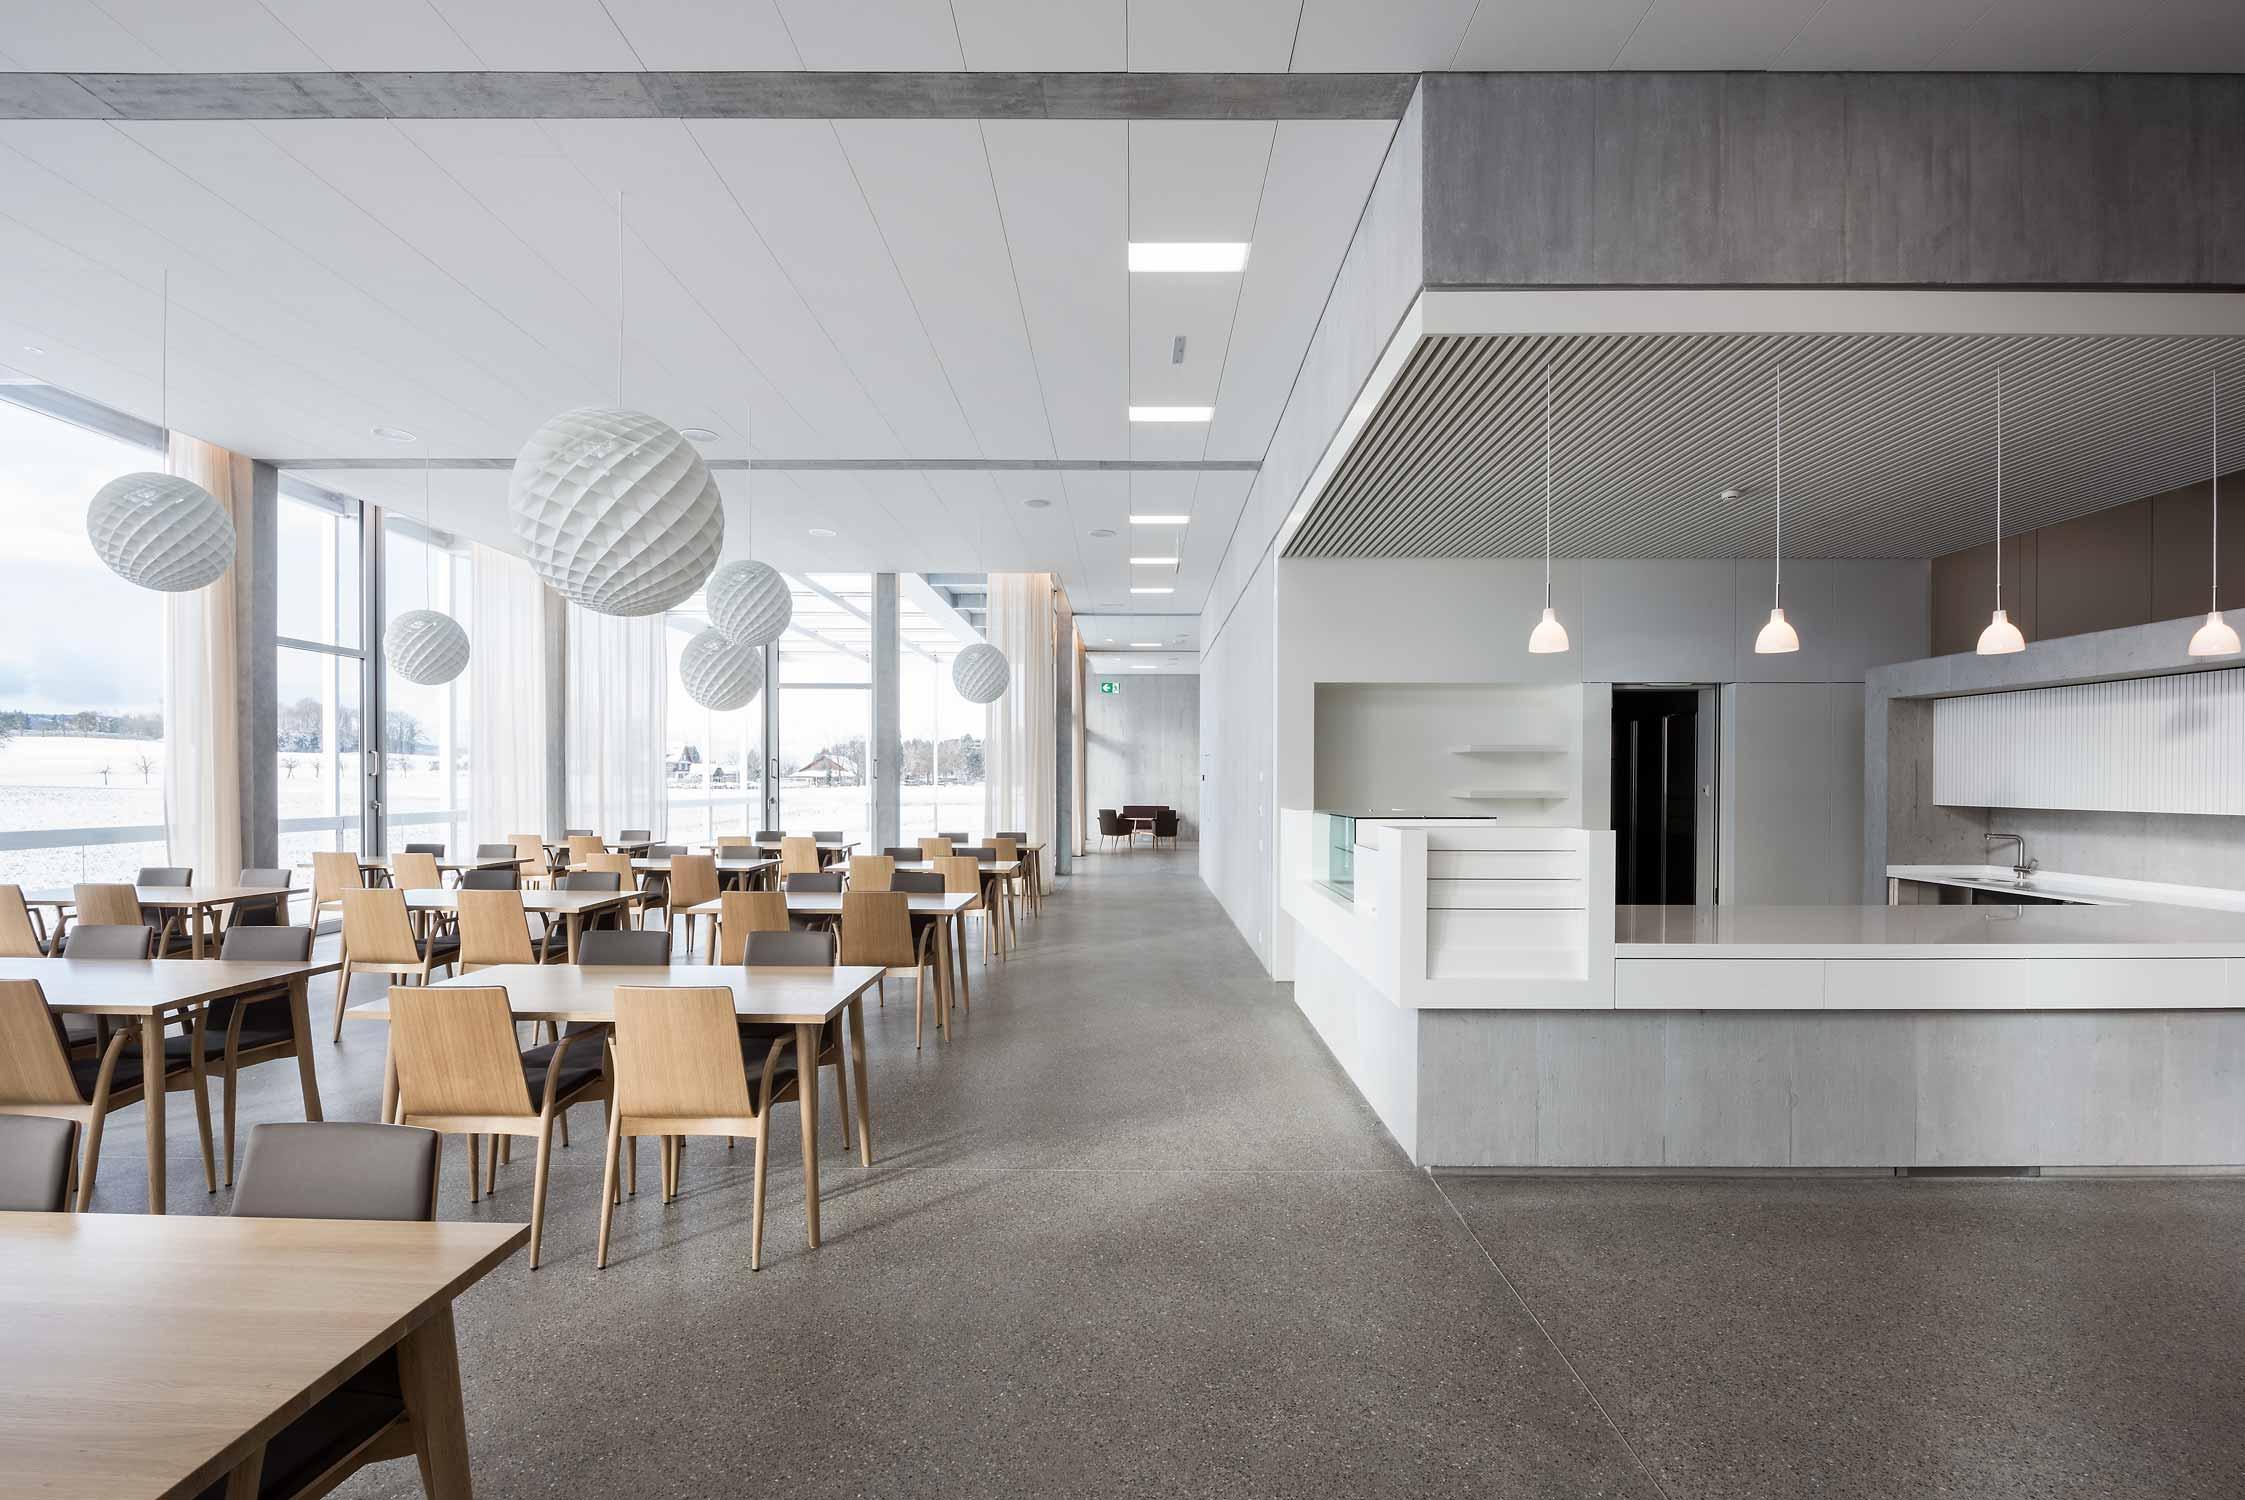 Pflegezentrum-Ennetsee in Cham. Innenaufnahme des grosszügigen, hellen Restaurantbereichs.